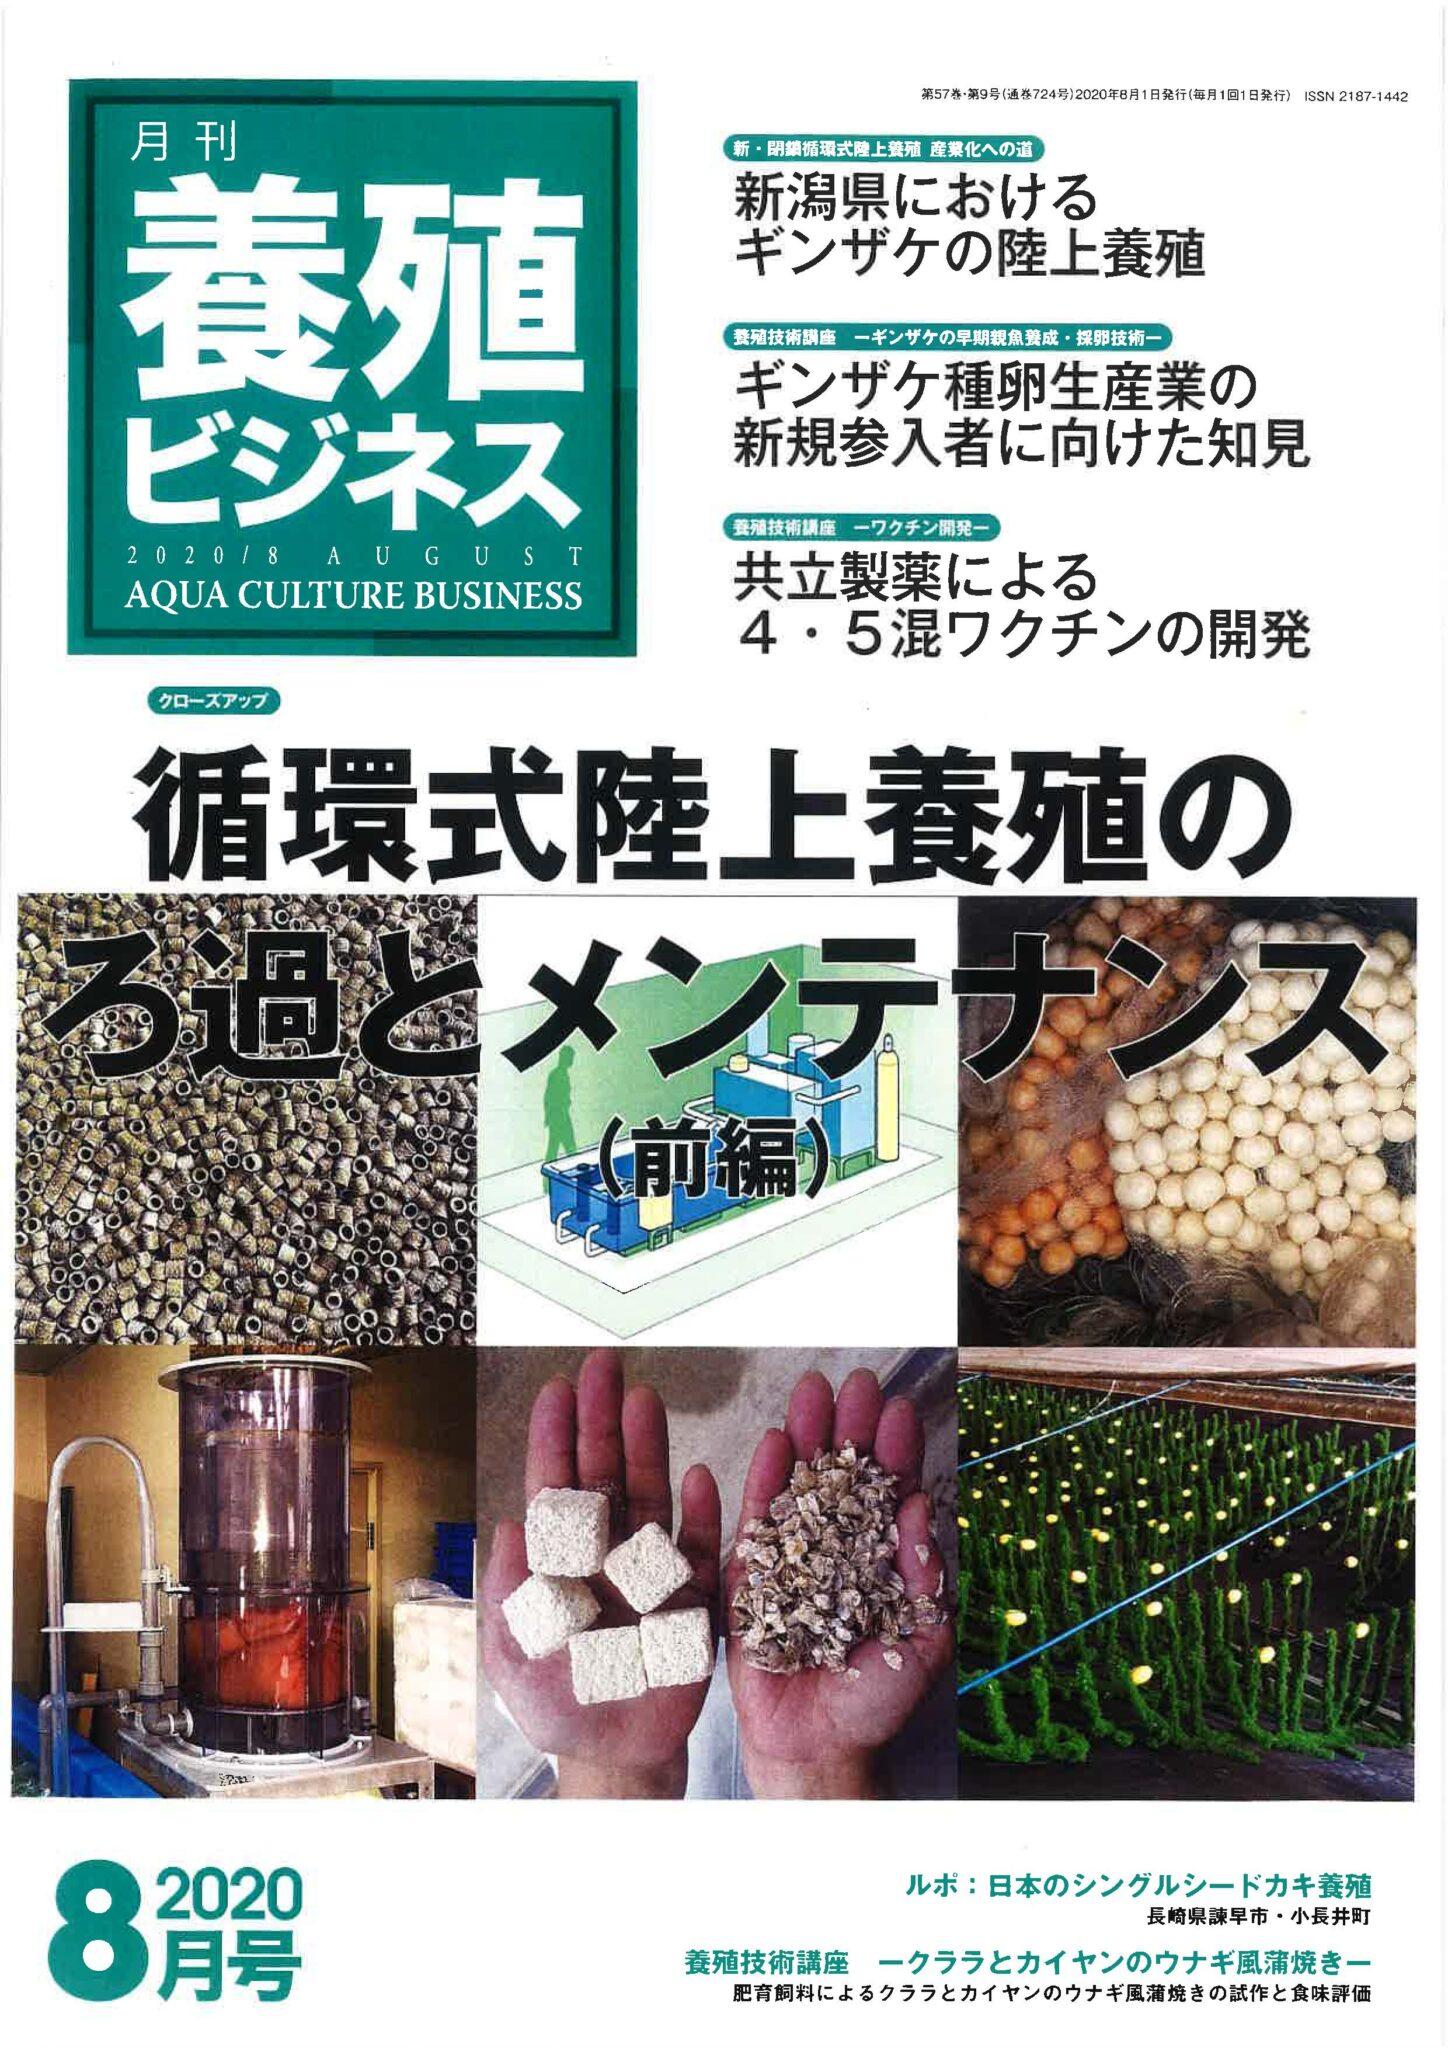 「月間 養殖ビジネス」8月号に掲載されました。